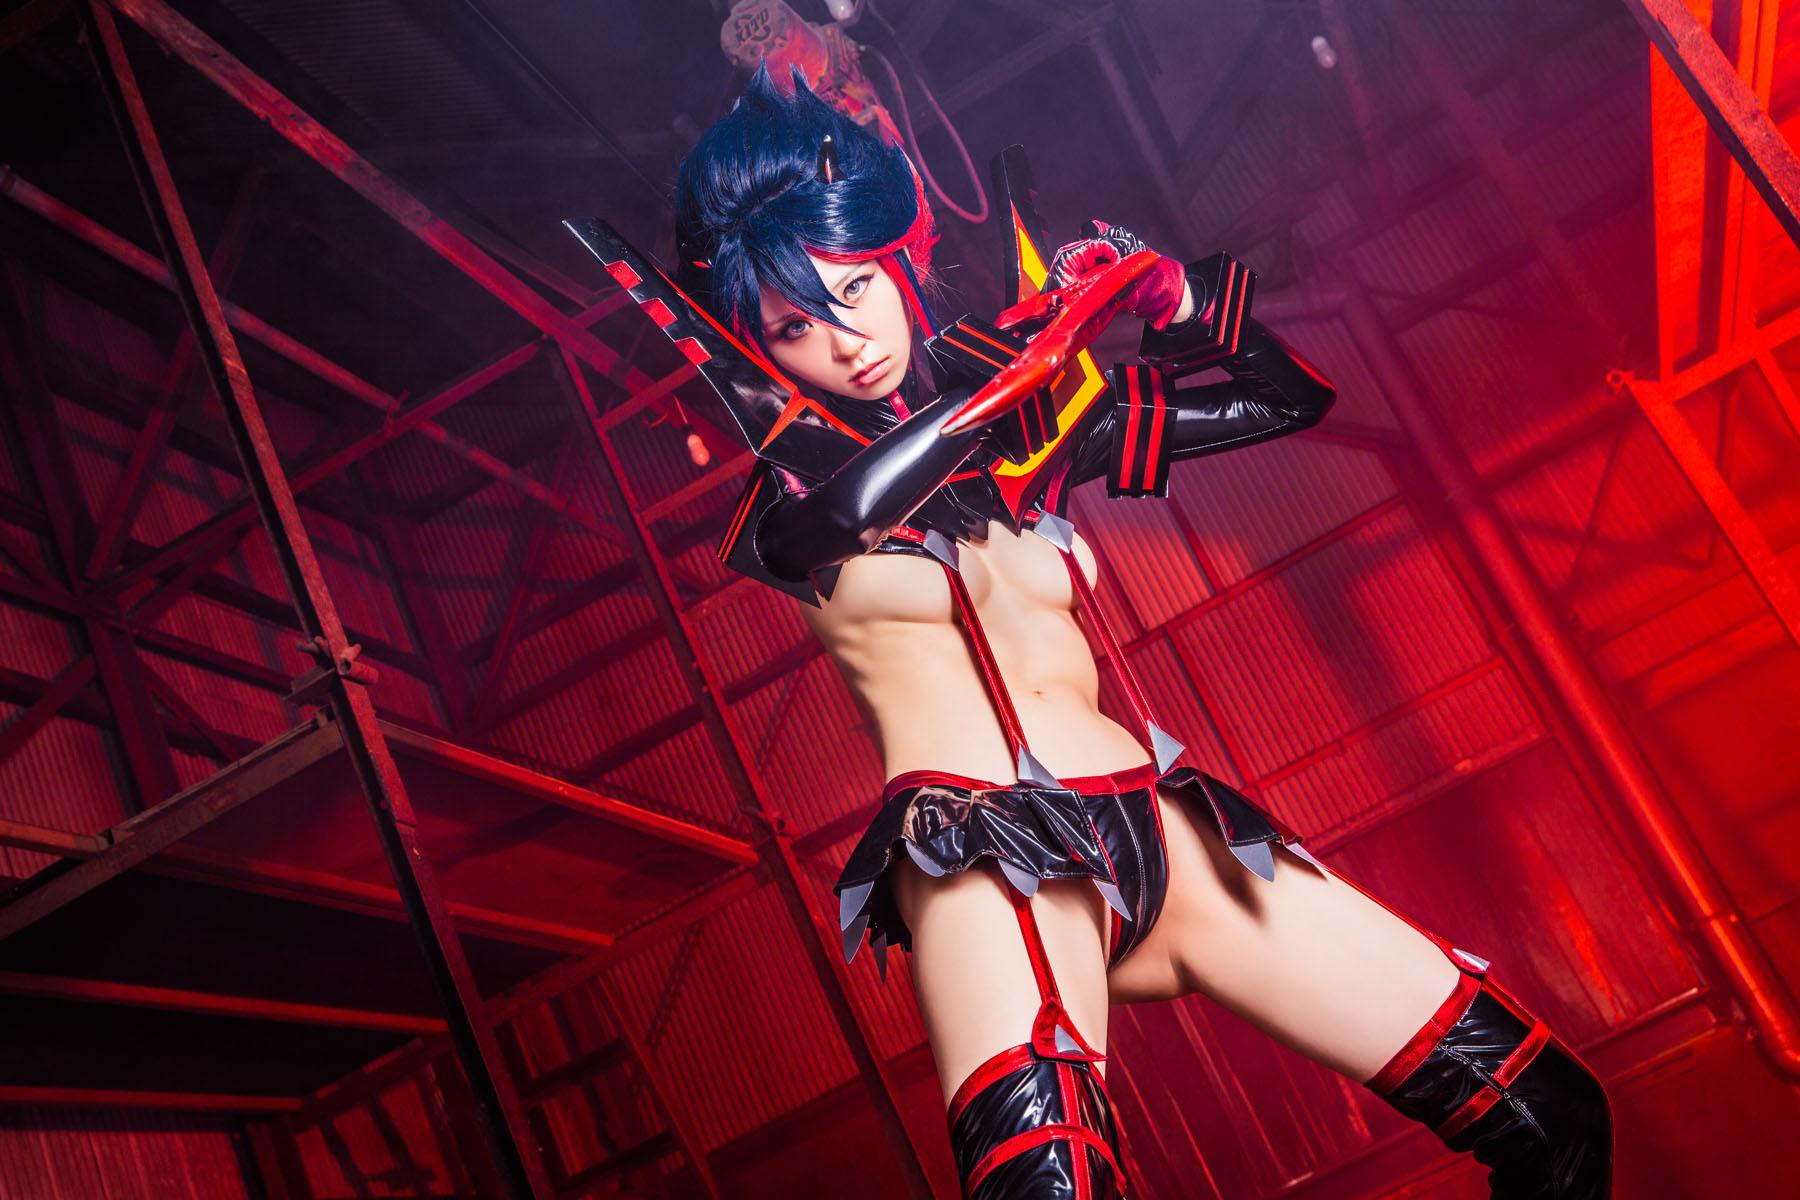 Kill la Kill Ryuuko Matoi anime cosplay by Mikehouse 0076